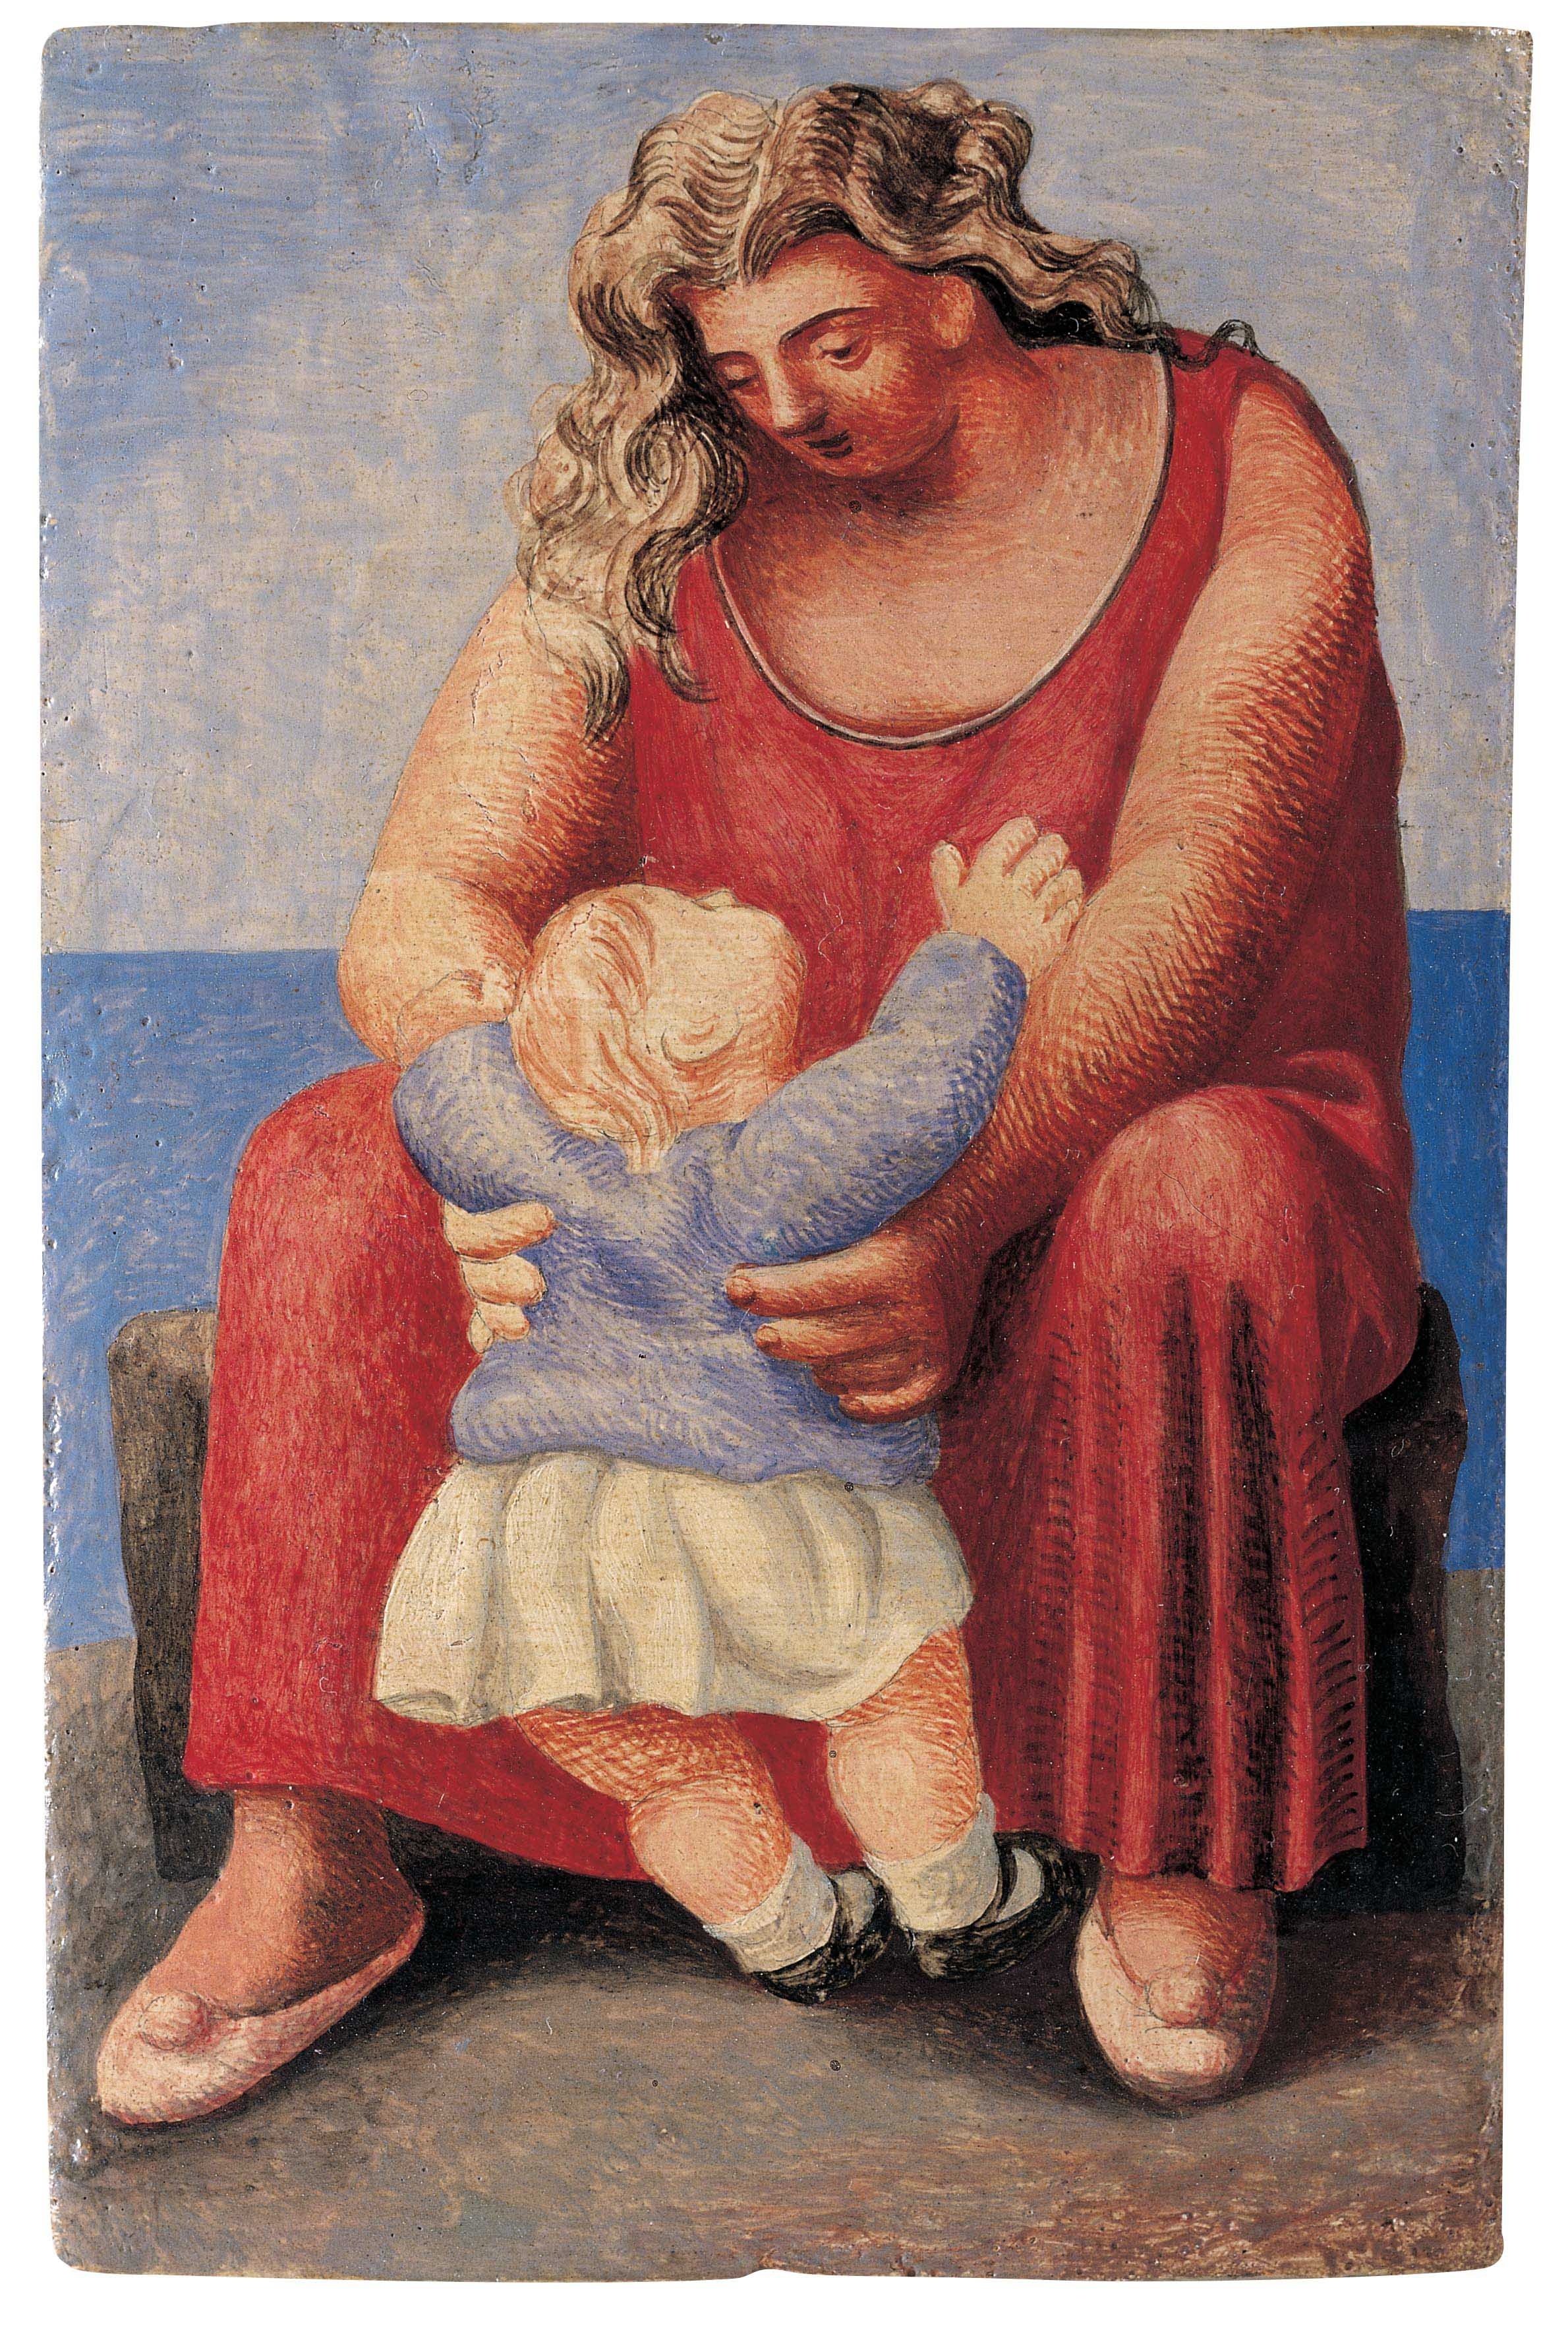 Пабло Пикассо. Мать идитя. Париж, осень 1921.Фонд поддержки искусства Альмины иБернара Руис-Пикассо, Мадрид